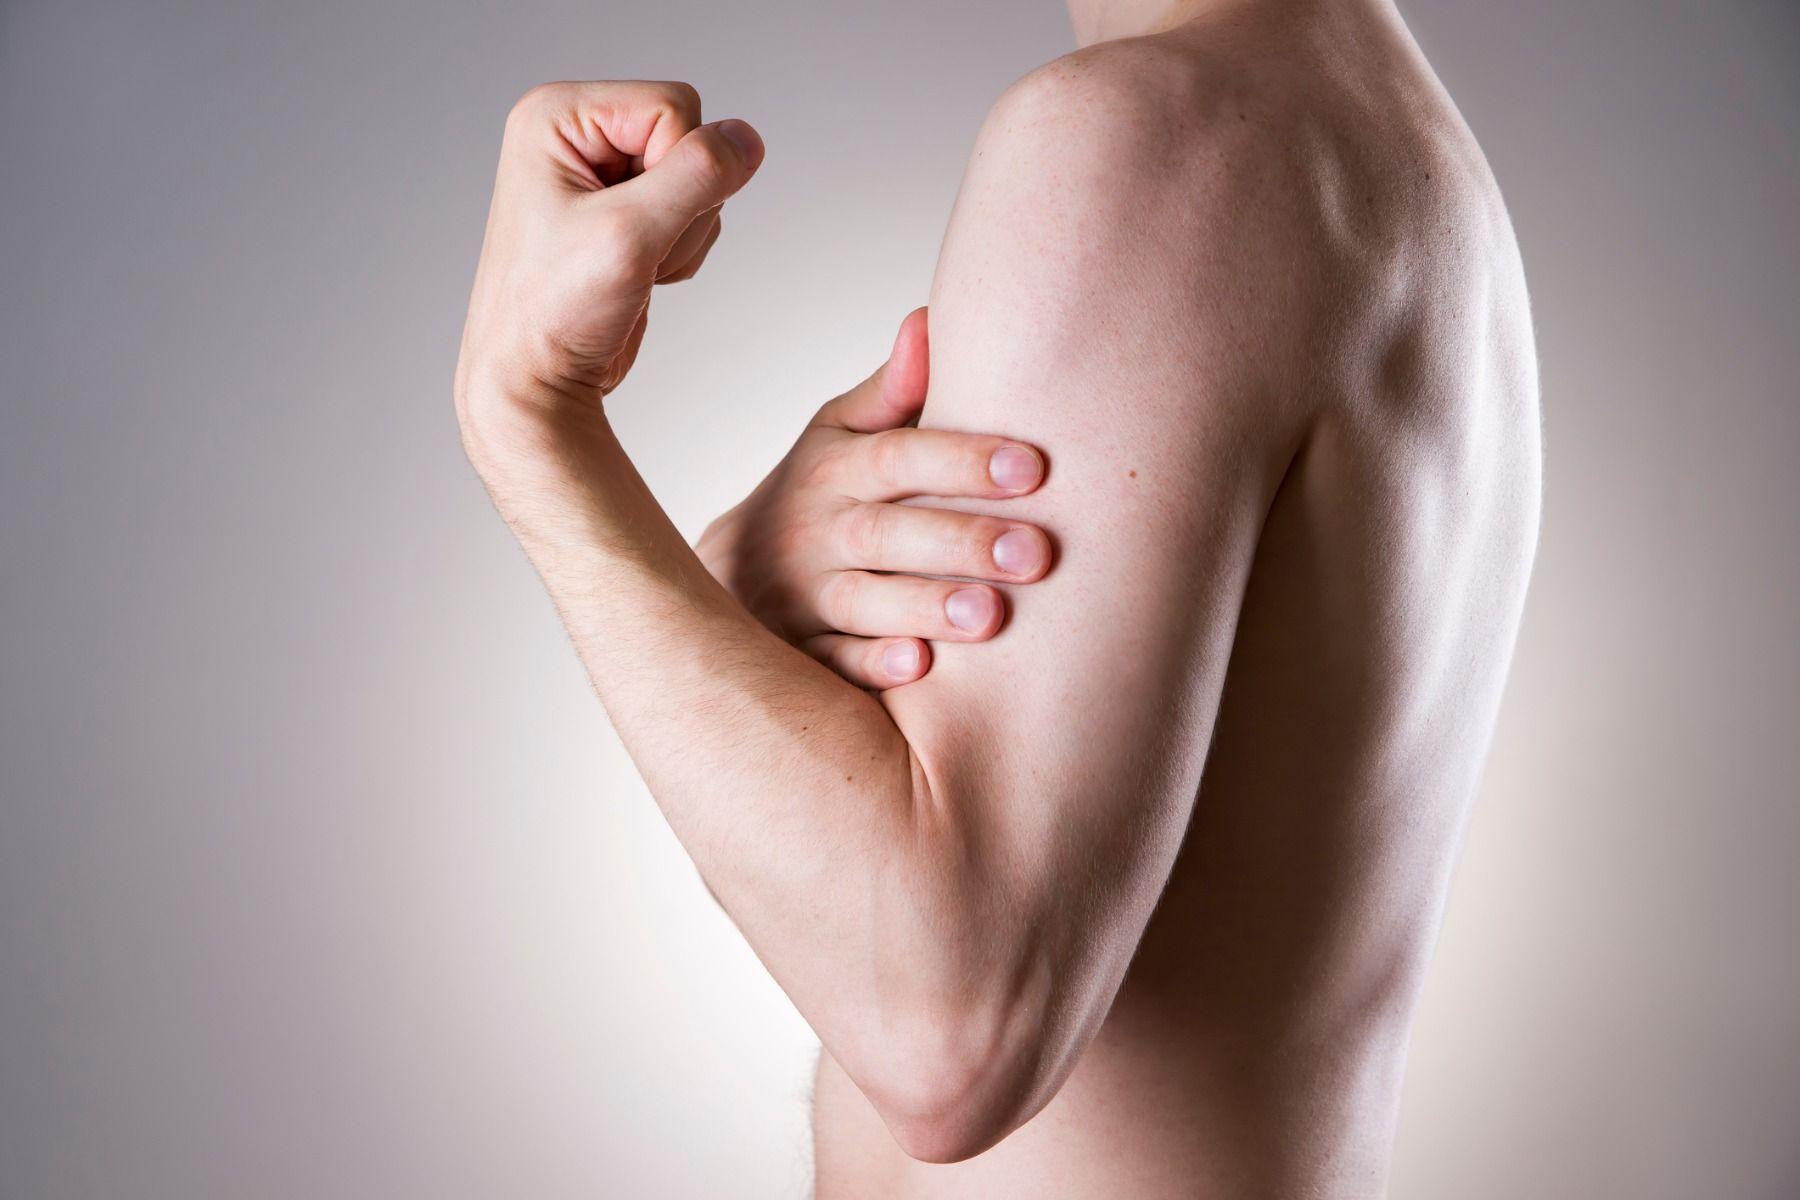 Nivelul scăzut de testosteron afectează masa musculară